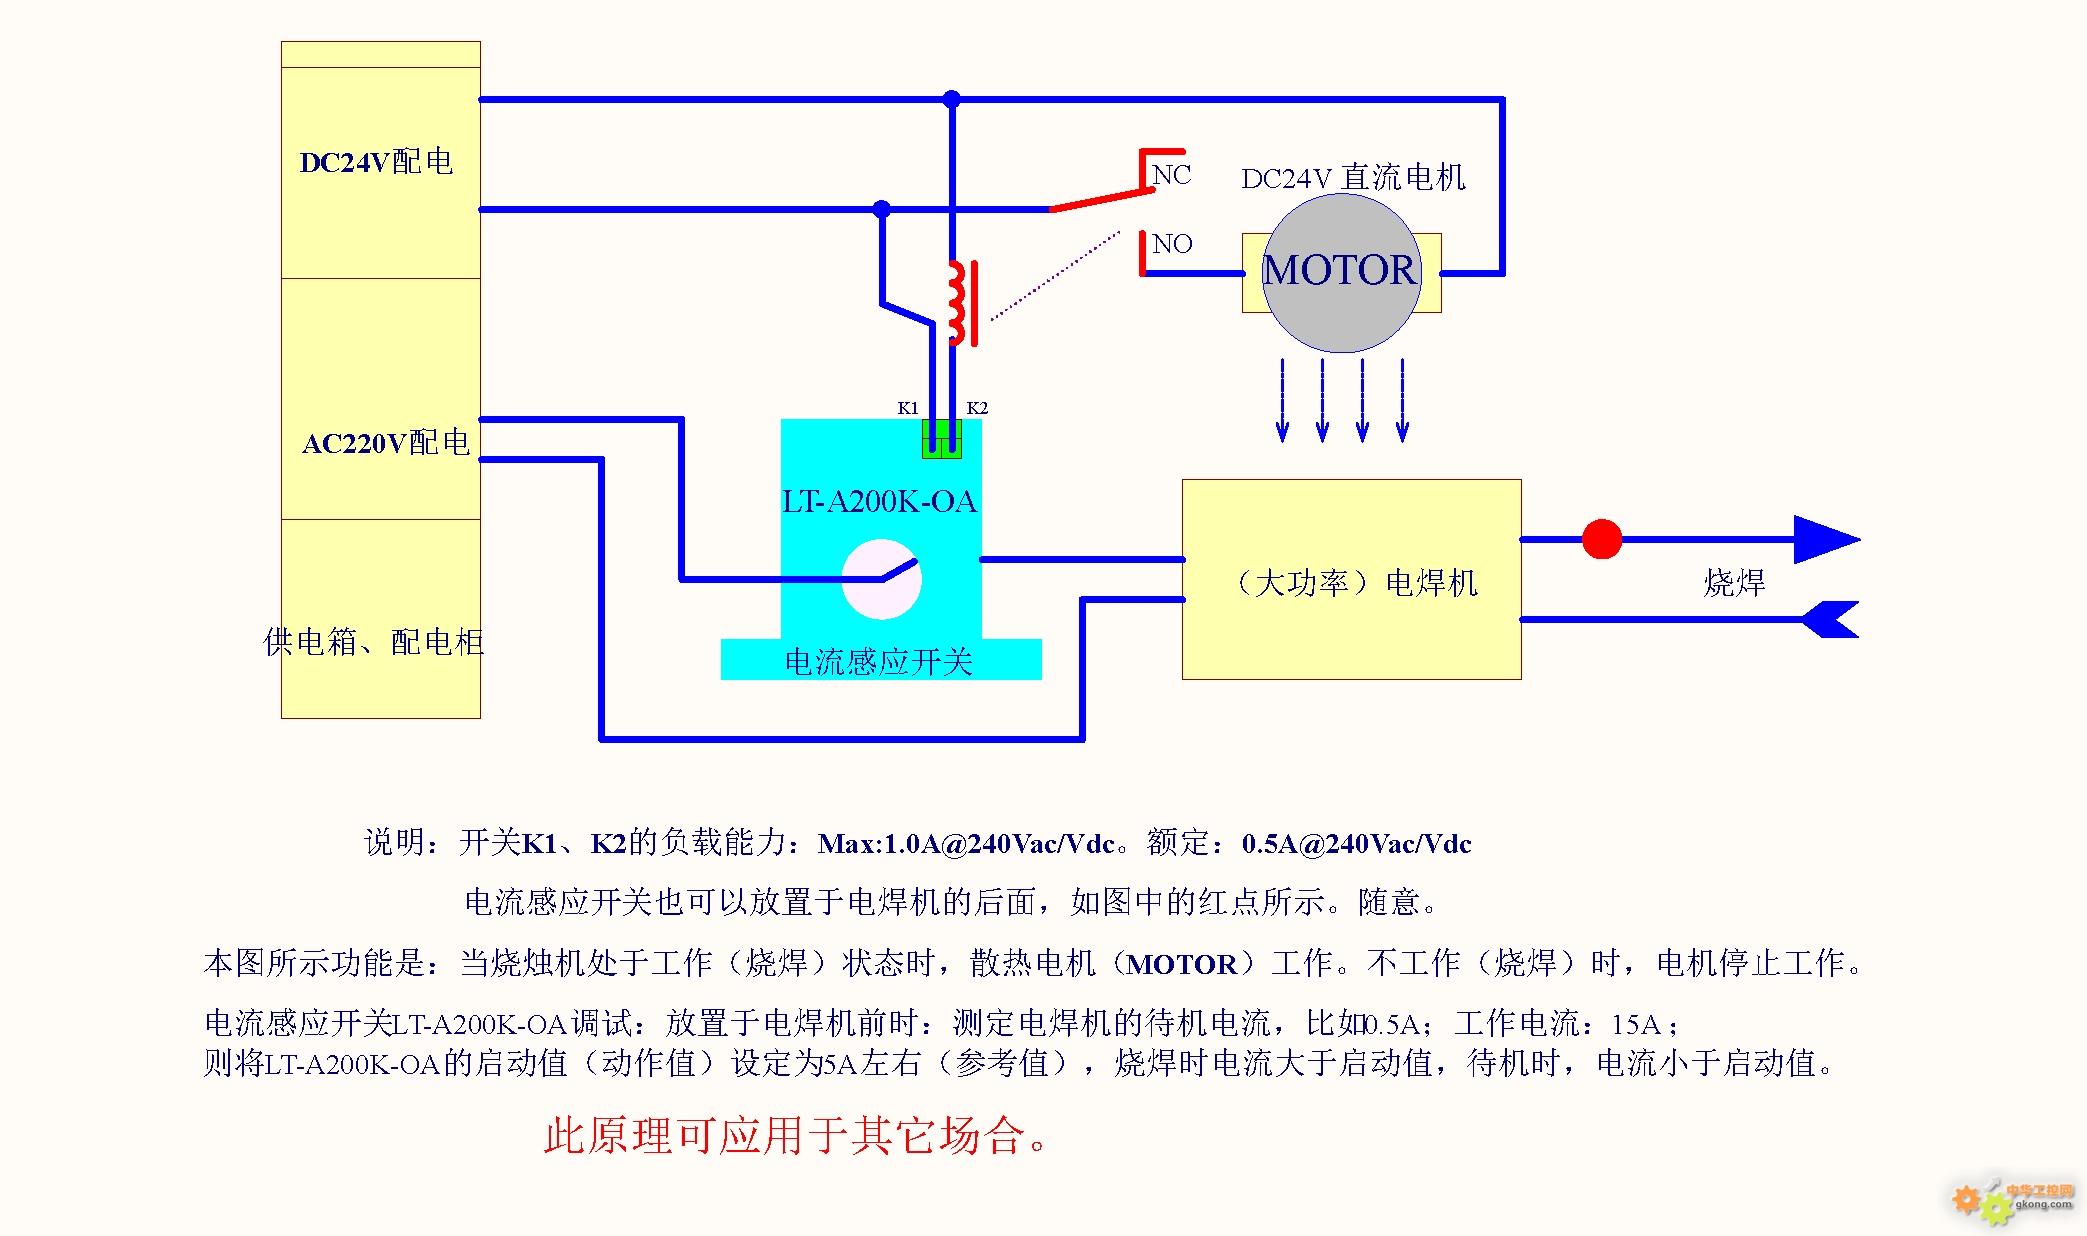 附件a200k-oa应用于电焊机(带继电器).jpg